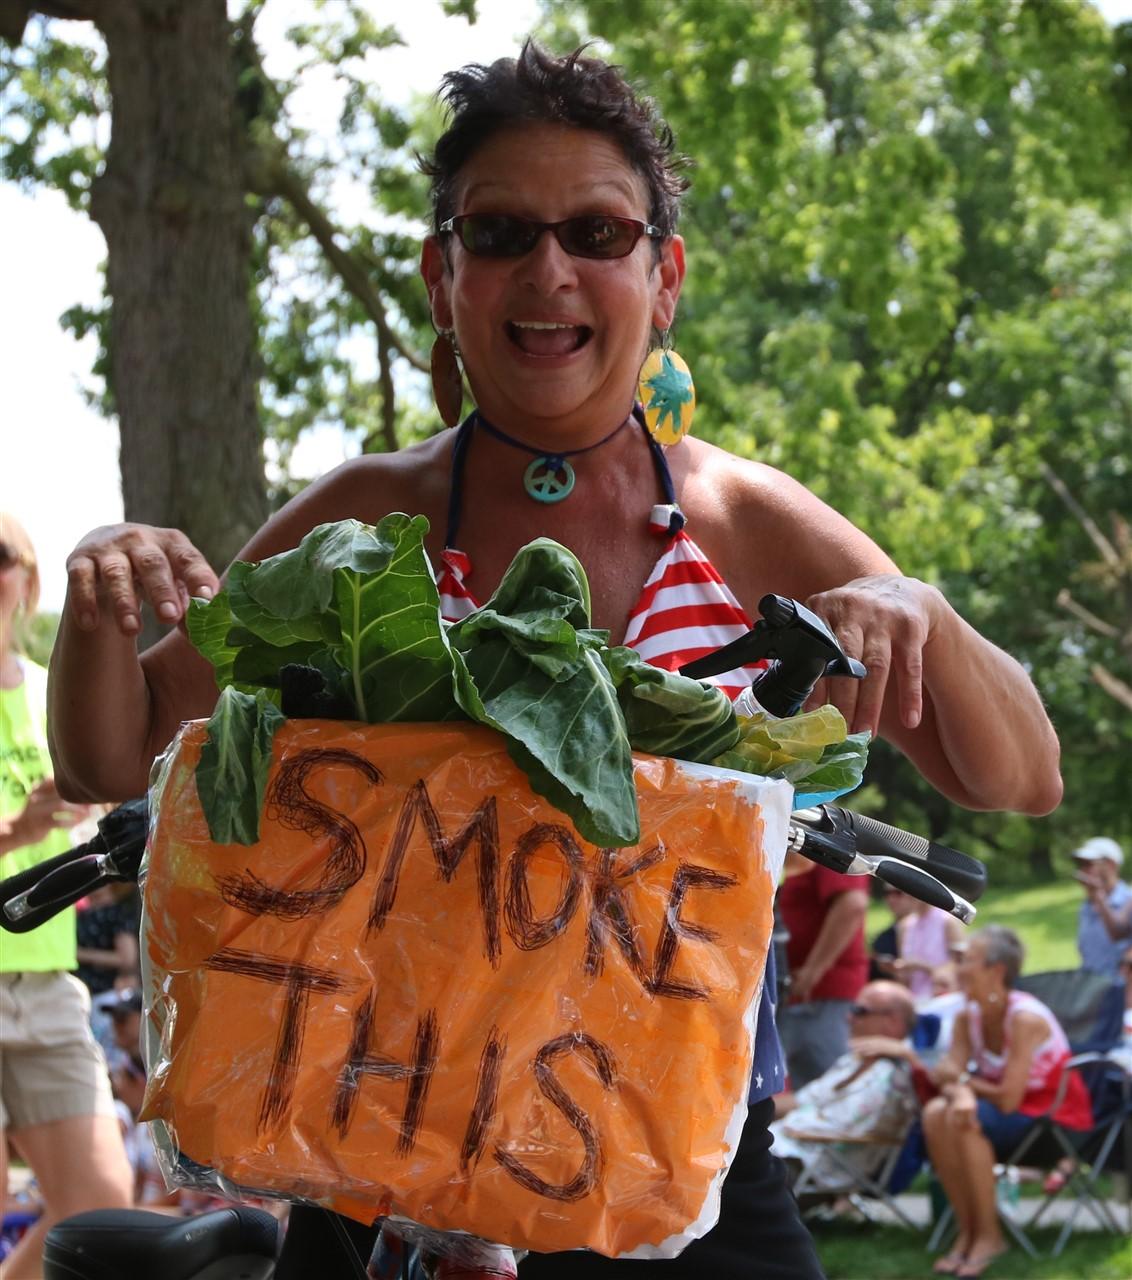 2017 07 04 52 Columbus Doo Dah Parade.jpg